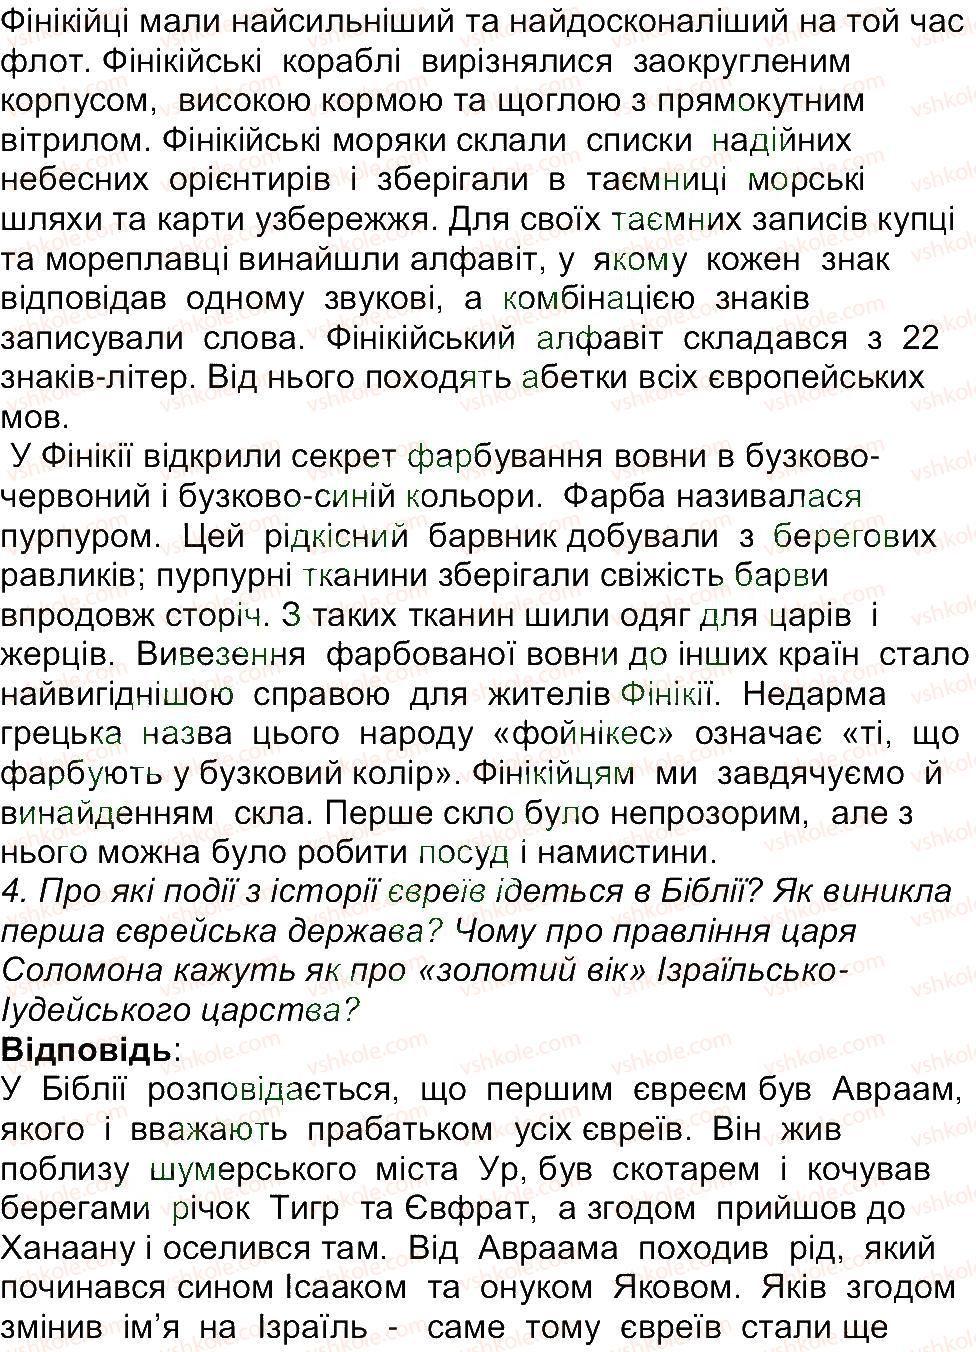 6-istoriya-og-bandrovskij-vs-vlasov-2014--storinki-72140-83-rnd4451.jpg